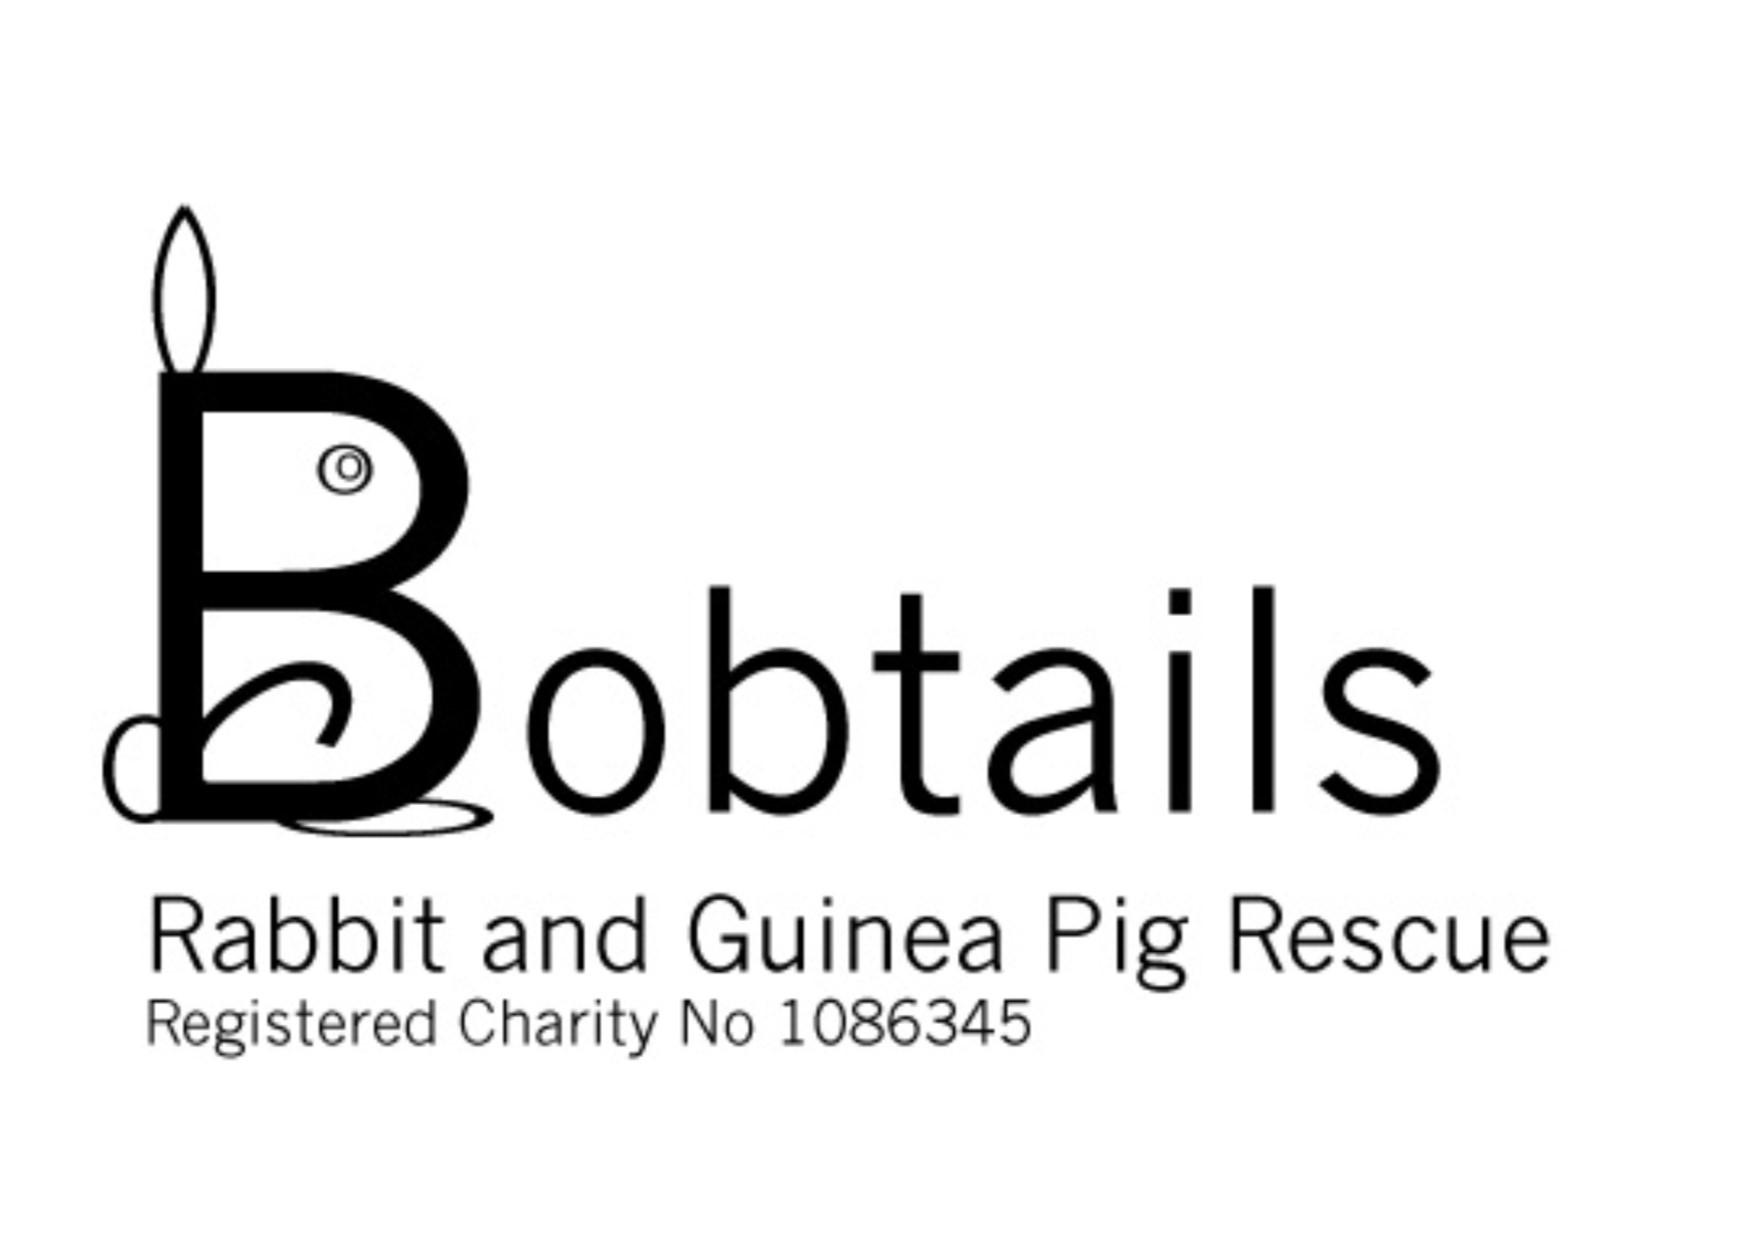 Bobtails Rabbit and Guinea Pig Rescue